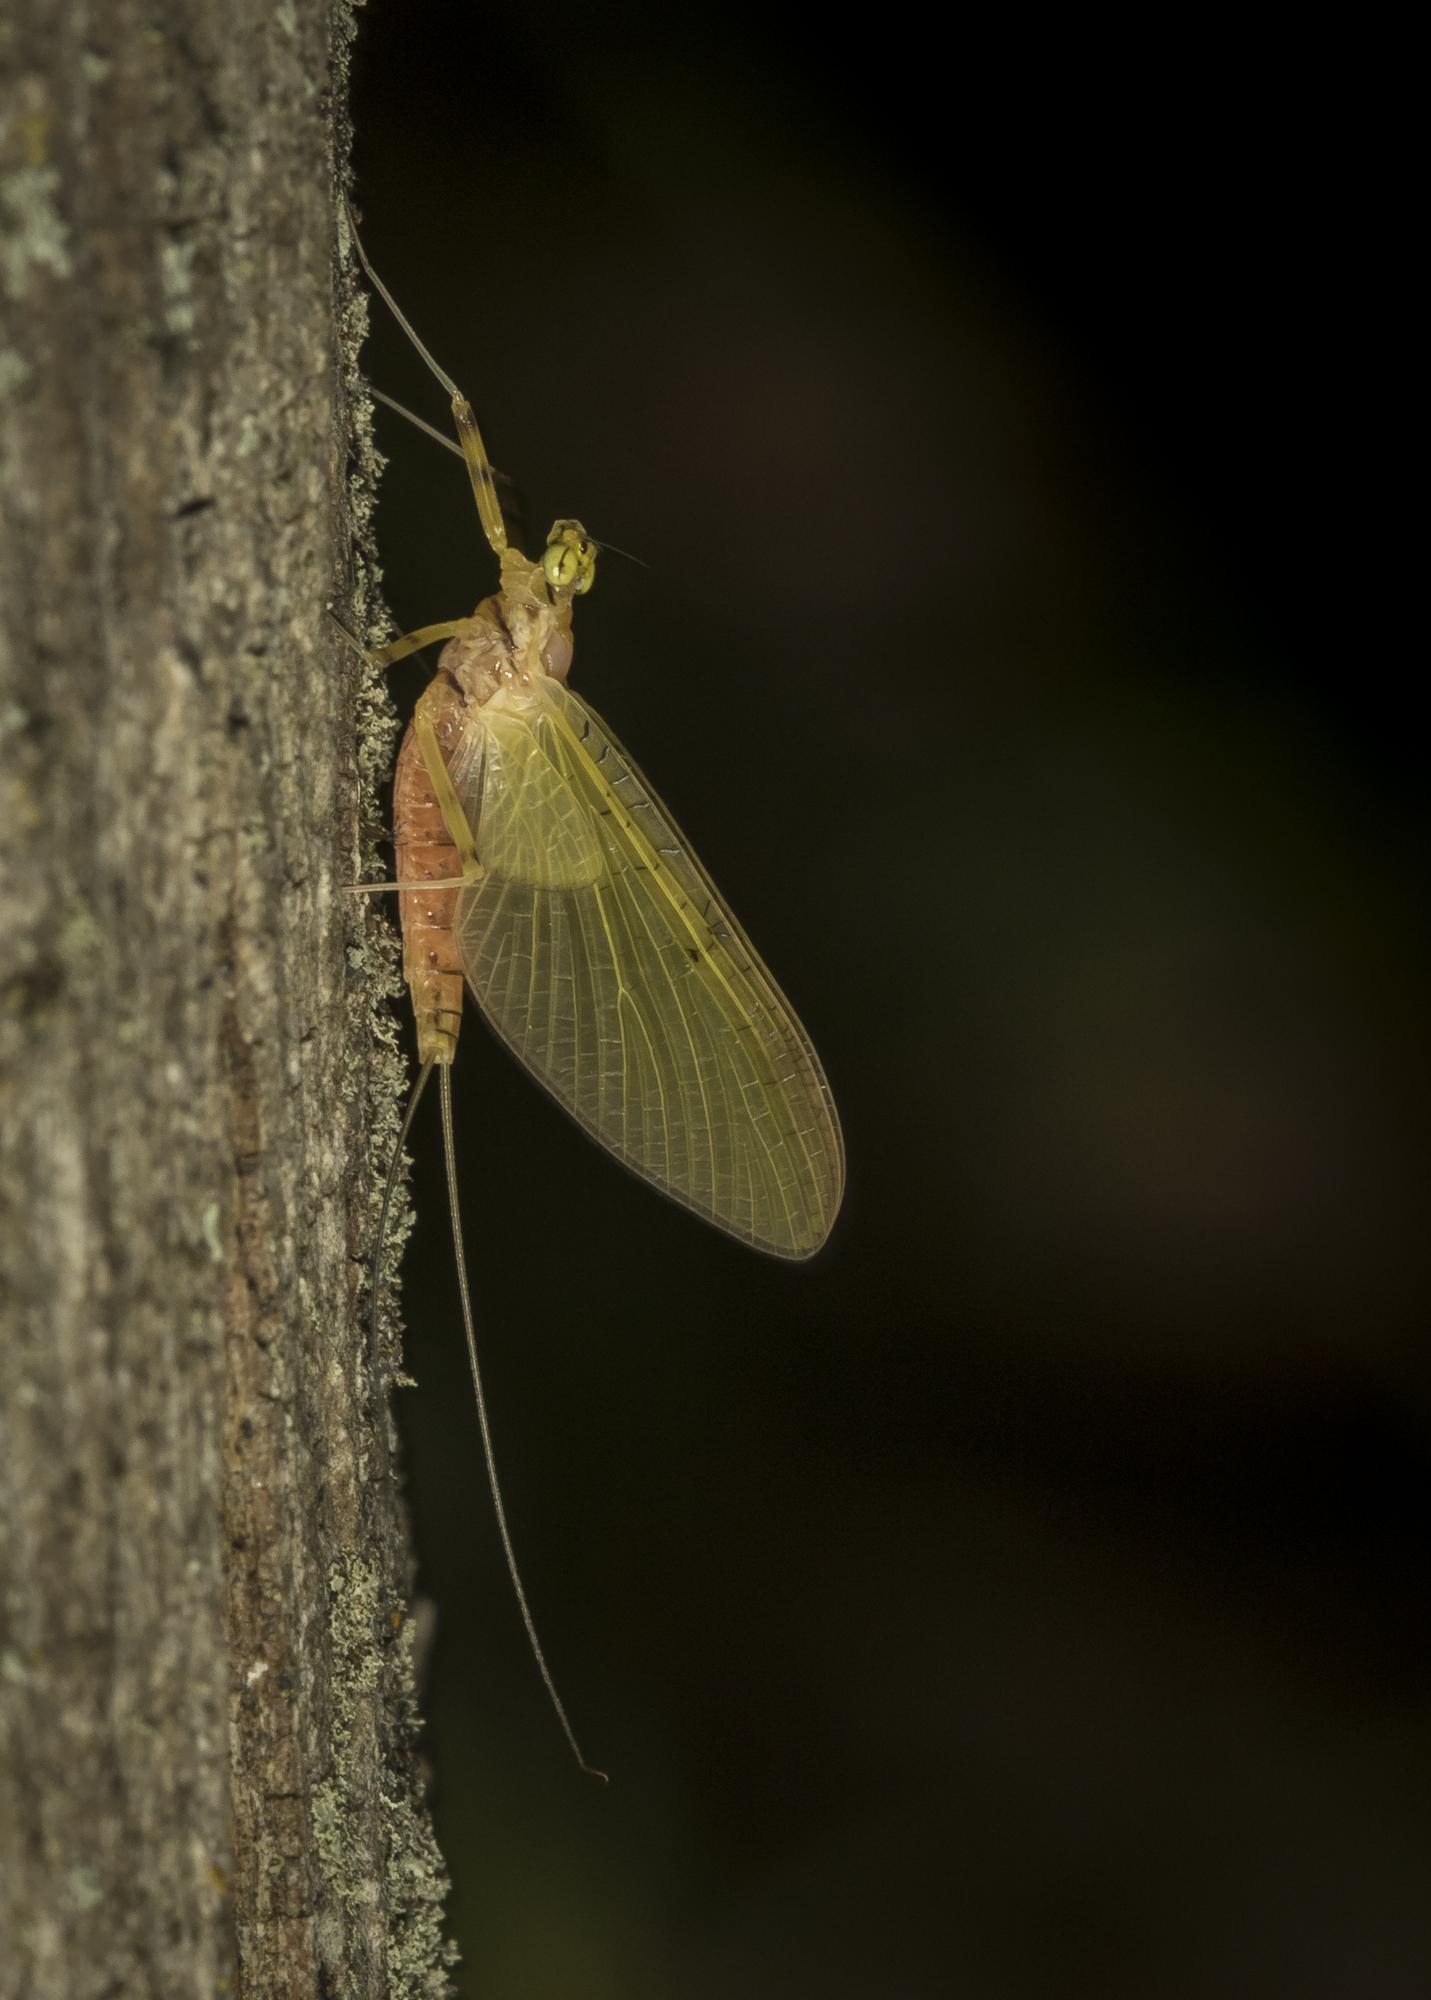 mayfly on tree 1